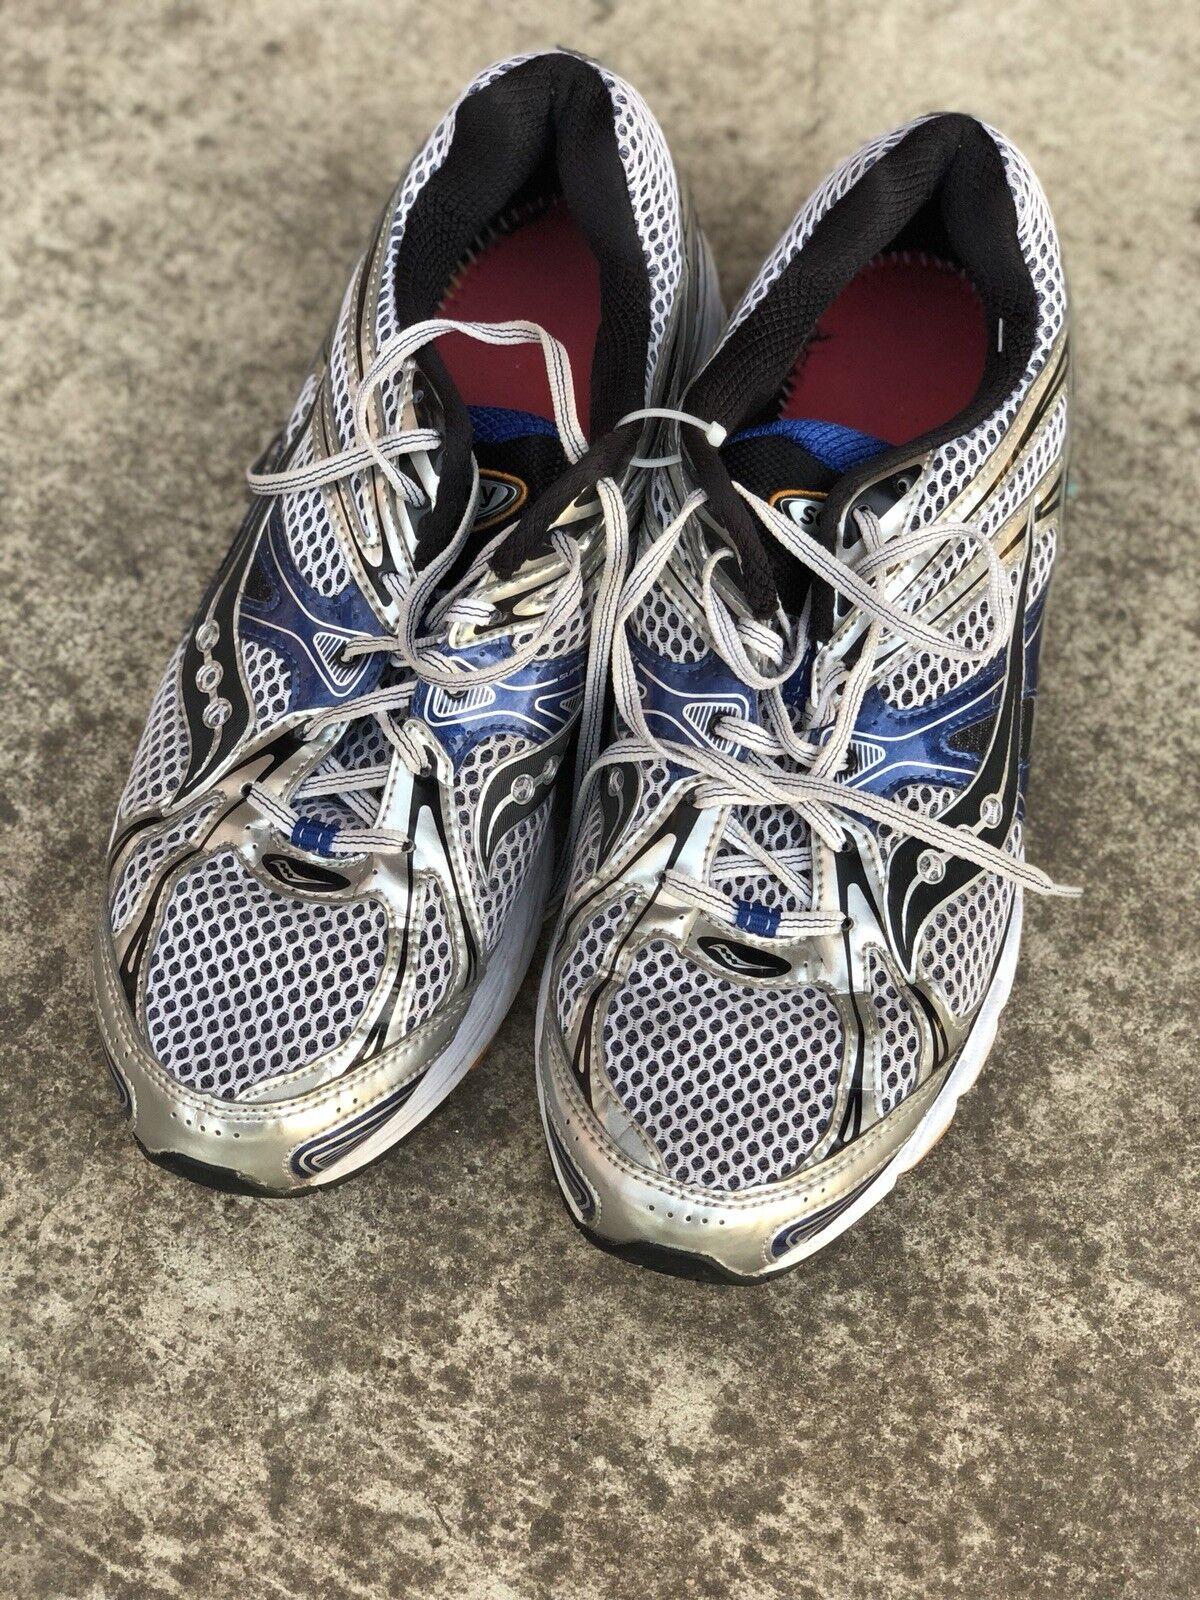 Uomo Saucony Guide Größe 6 Running Schuhe Grau mesh Größe Guide 12 c10293